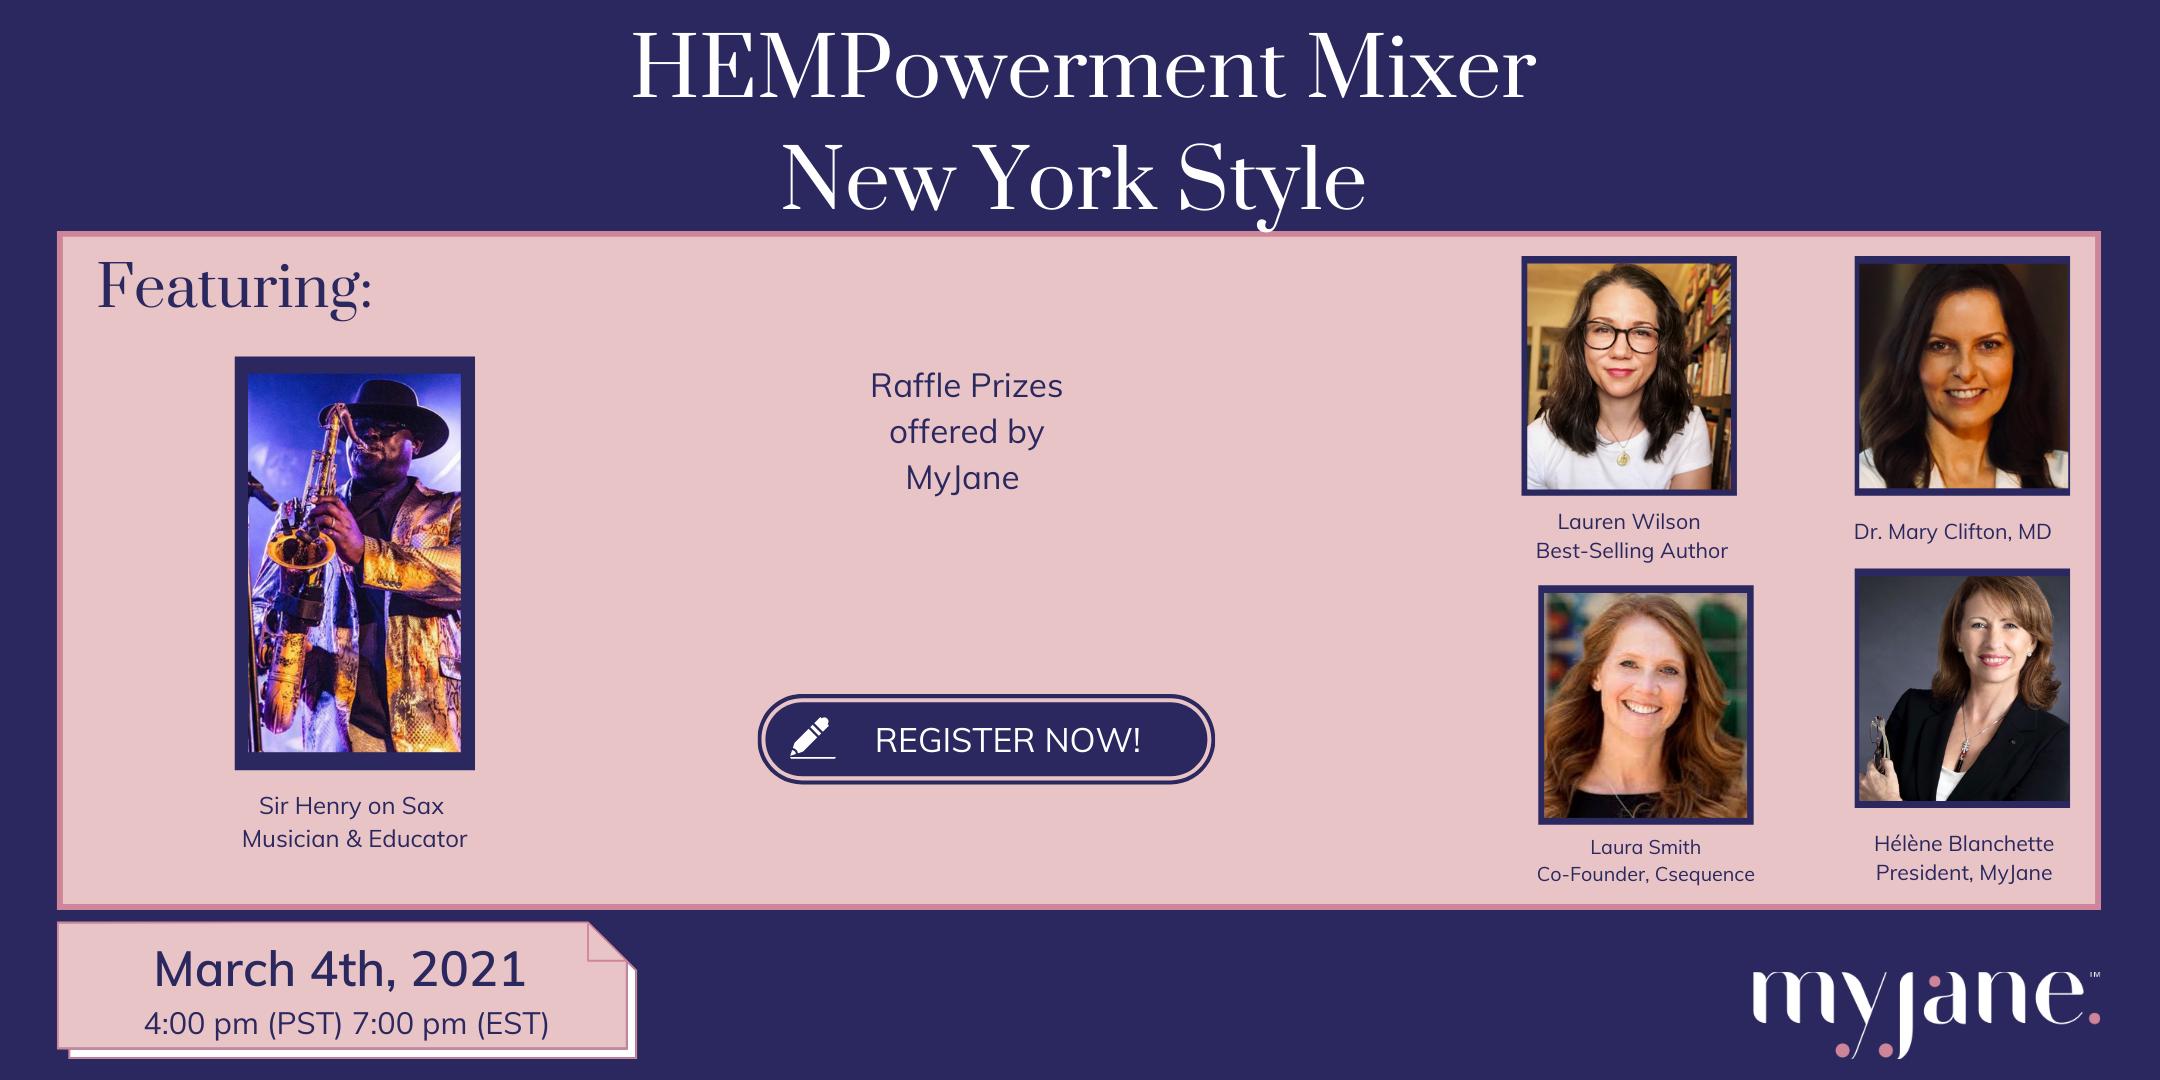 HEMPowerment Mixer - New York Style